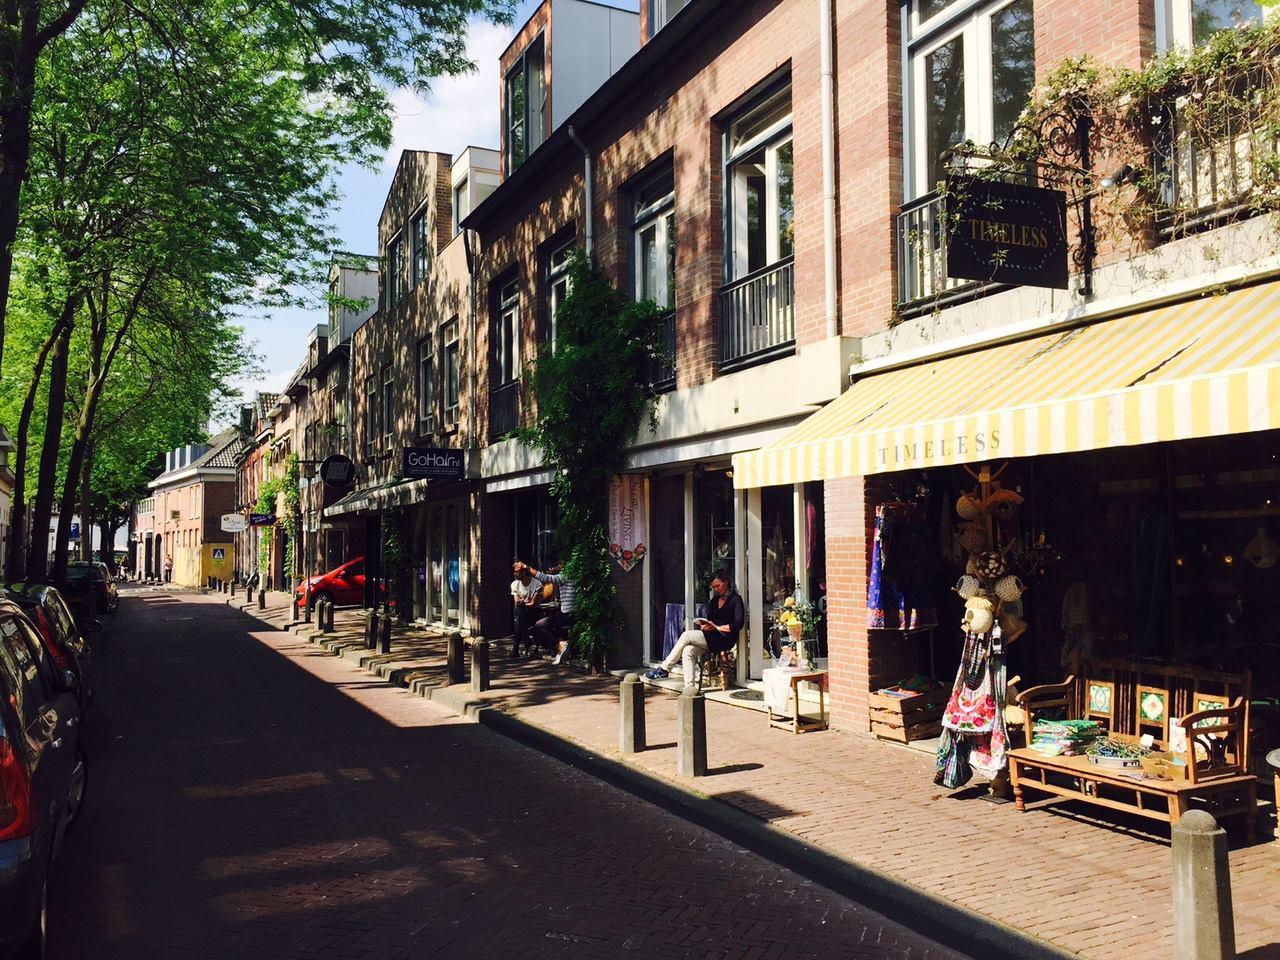 Bergen Eindhoven